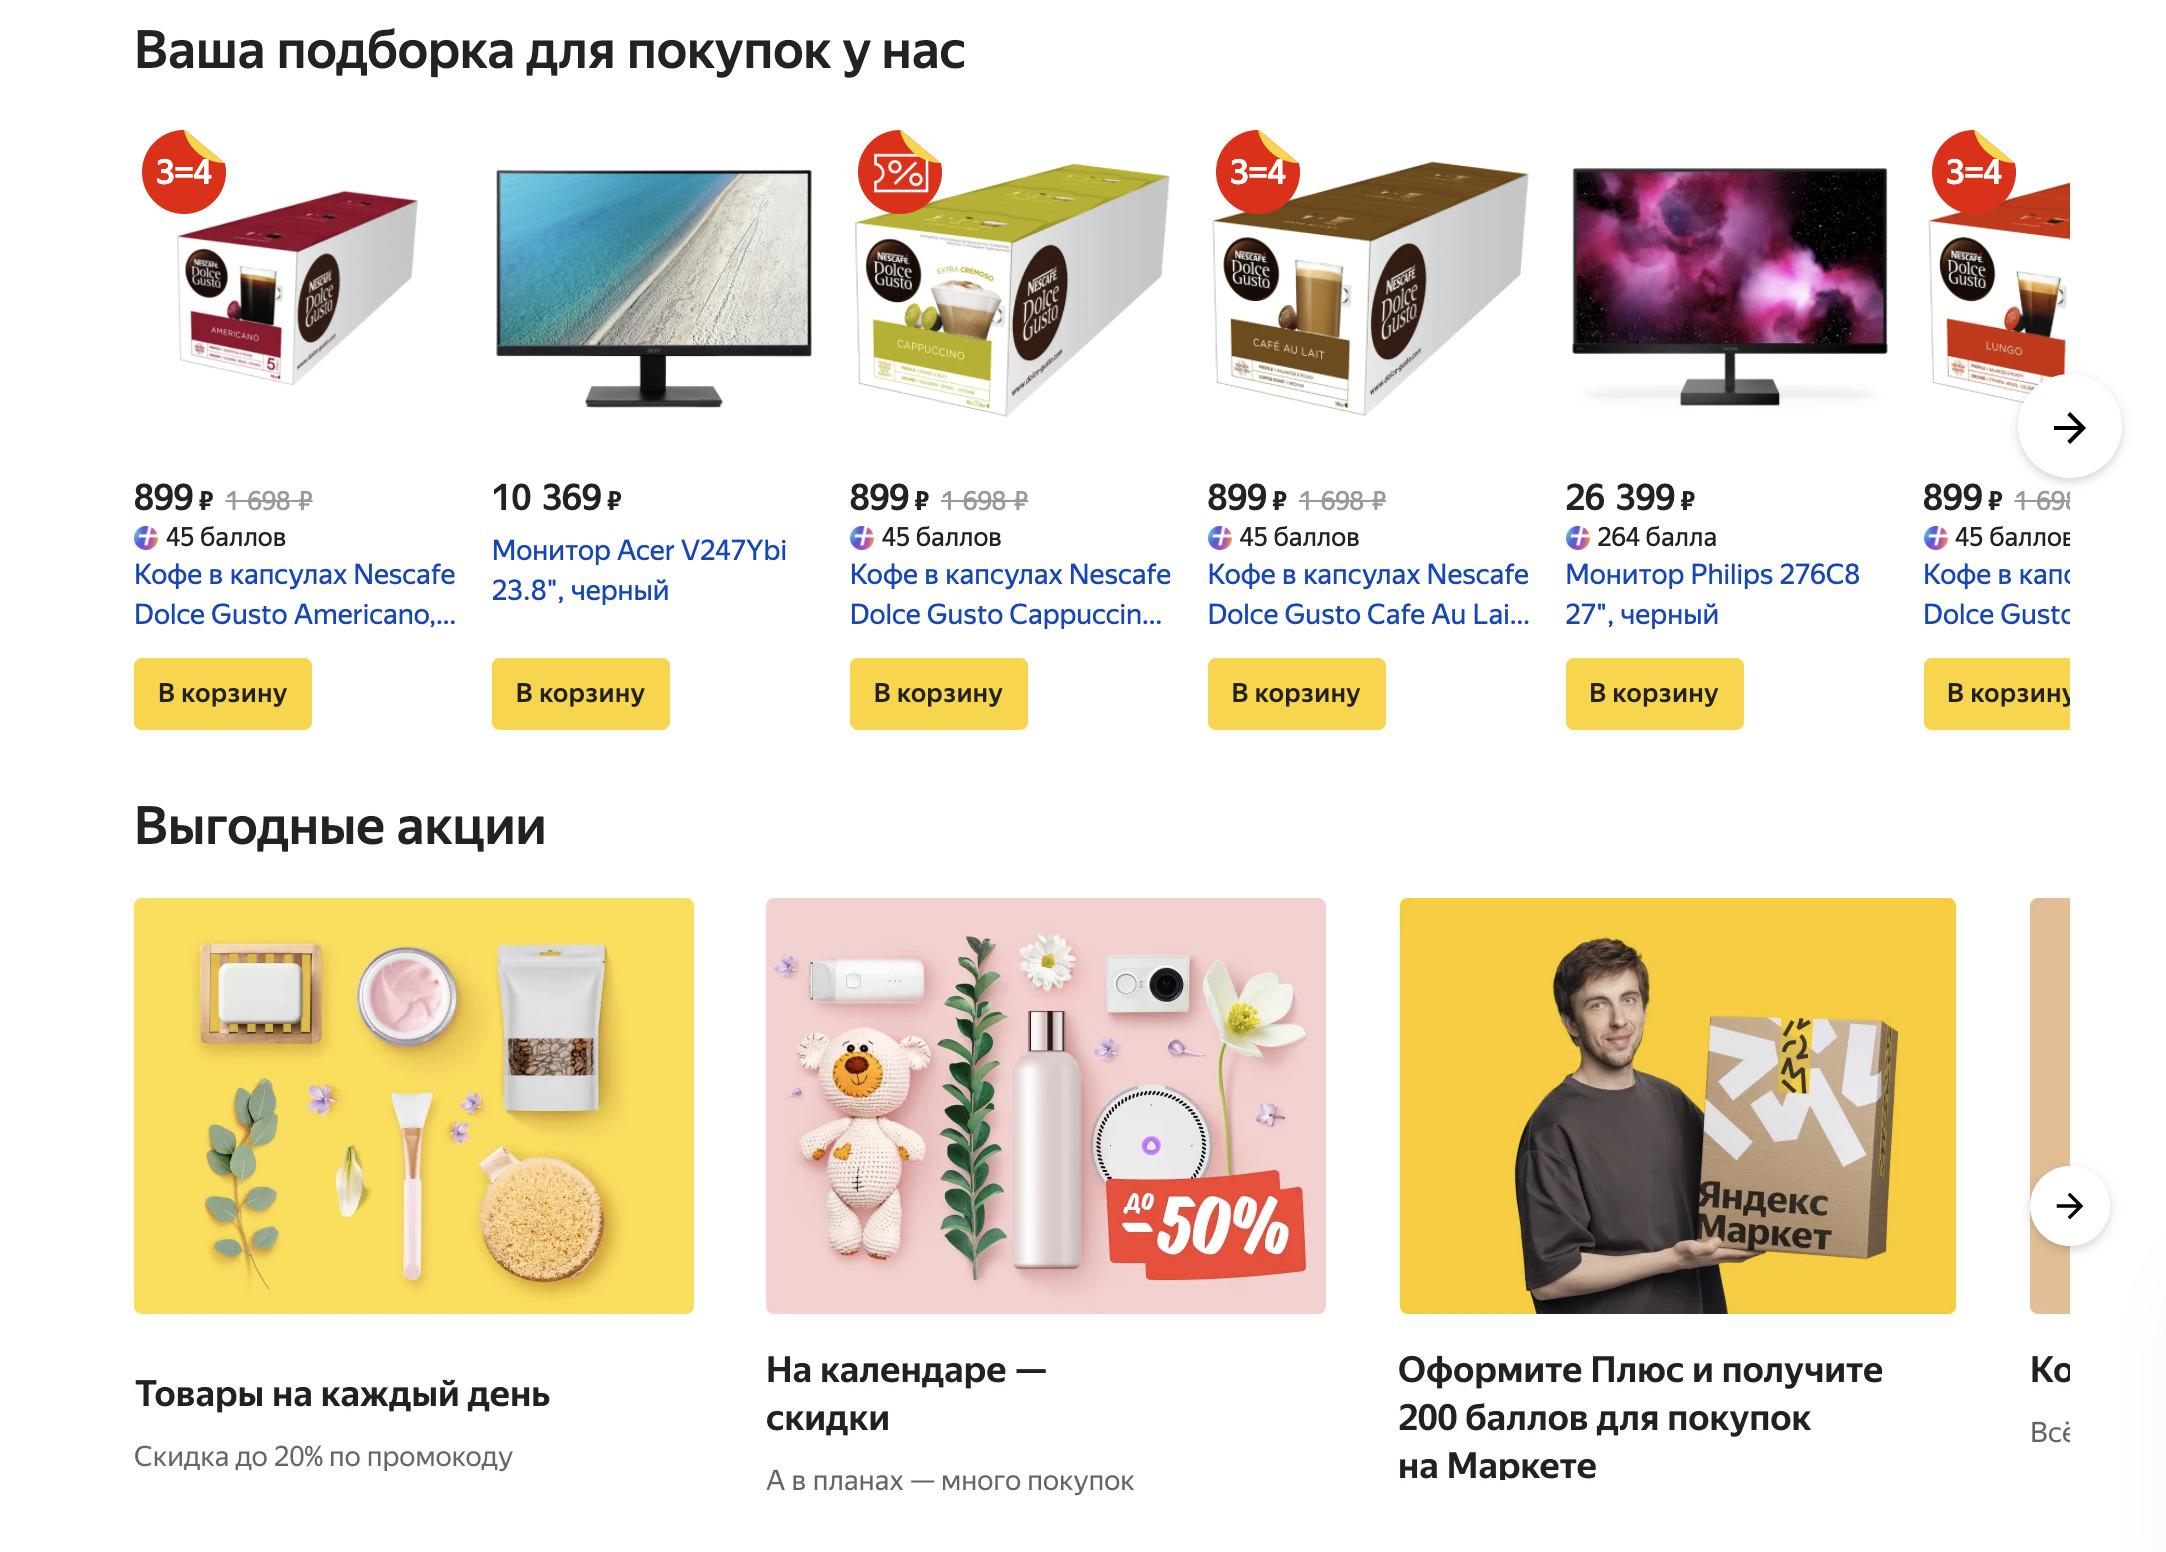 Доставка из Яндекс.Маркет в Железногорск, сроки, пункты выдачи, каталог